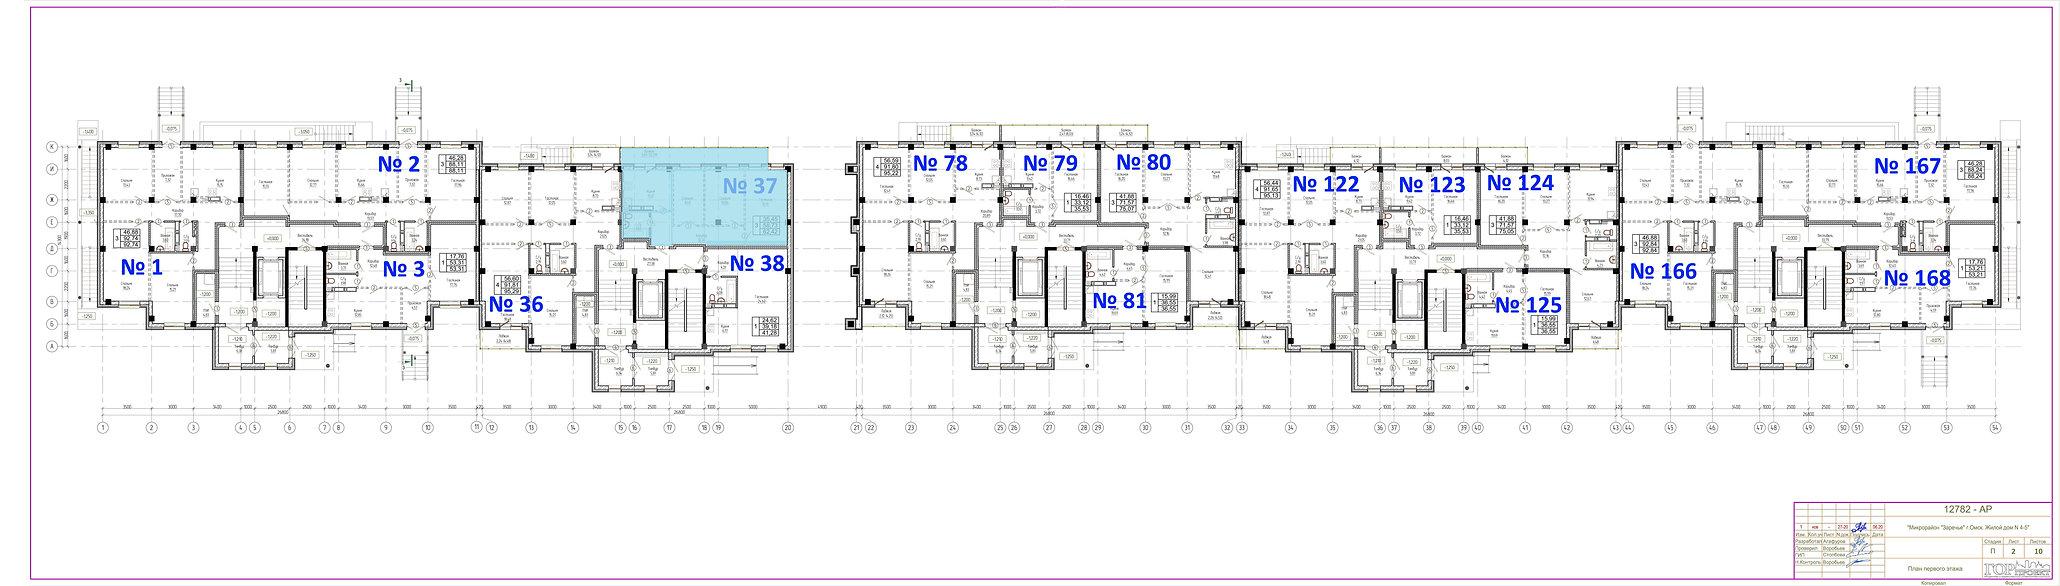 1 этаж кв 37.jpg